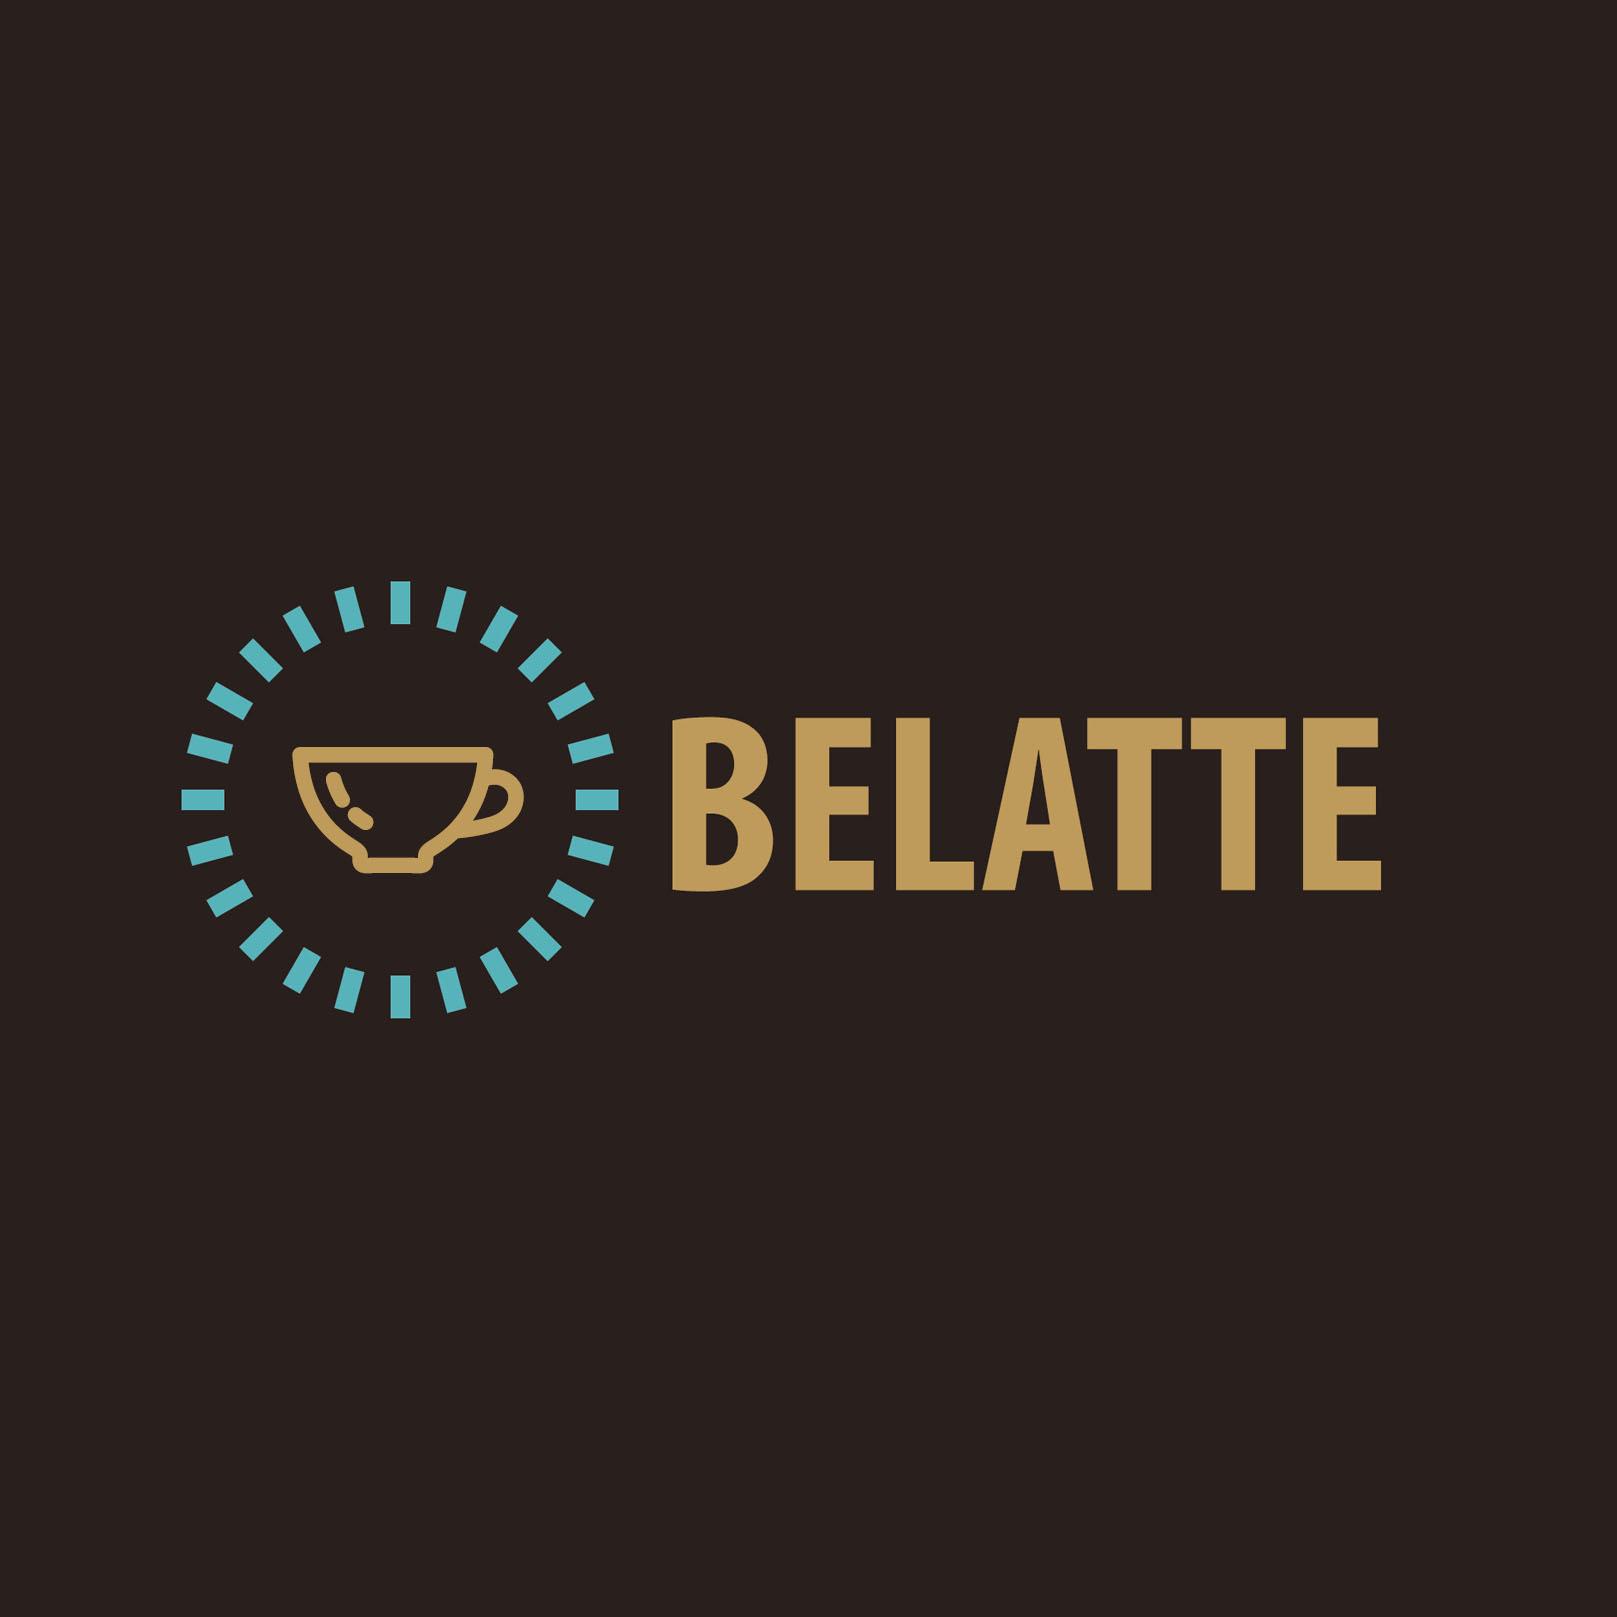 Belatte